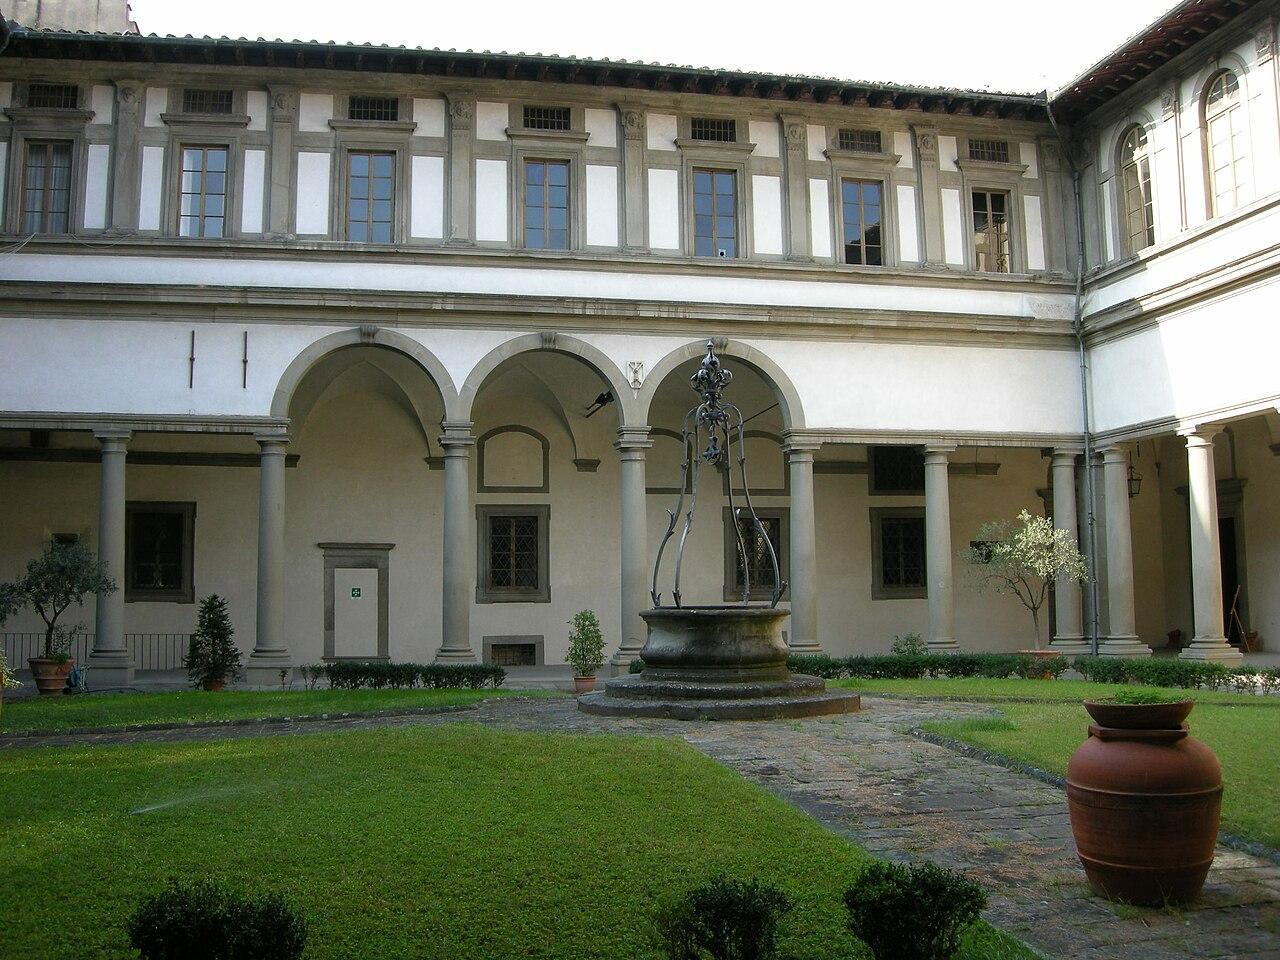 Chiostro Grande dell'Ammannati, Santo Spirito, Firenze